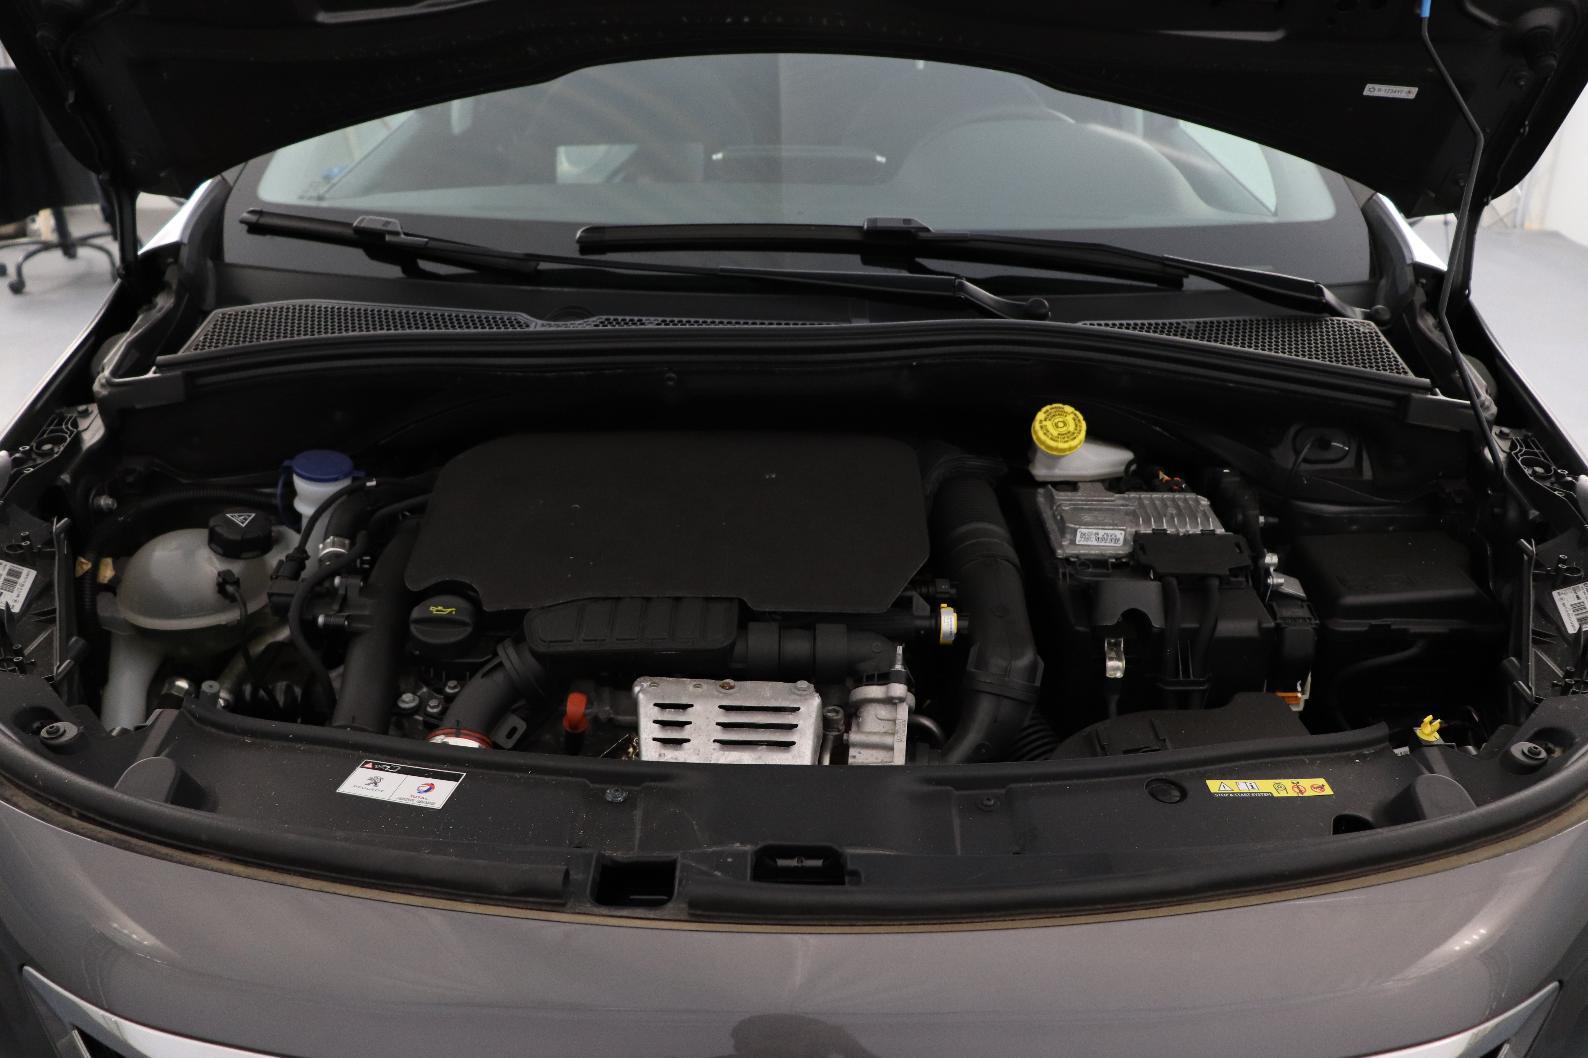 PEUGEOT 2008 1.2 PureTech 130ch S&S BVM6 Allure